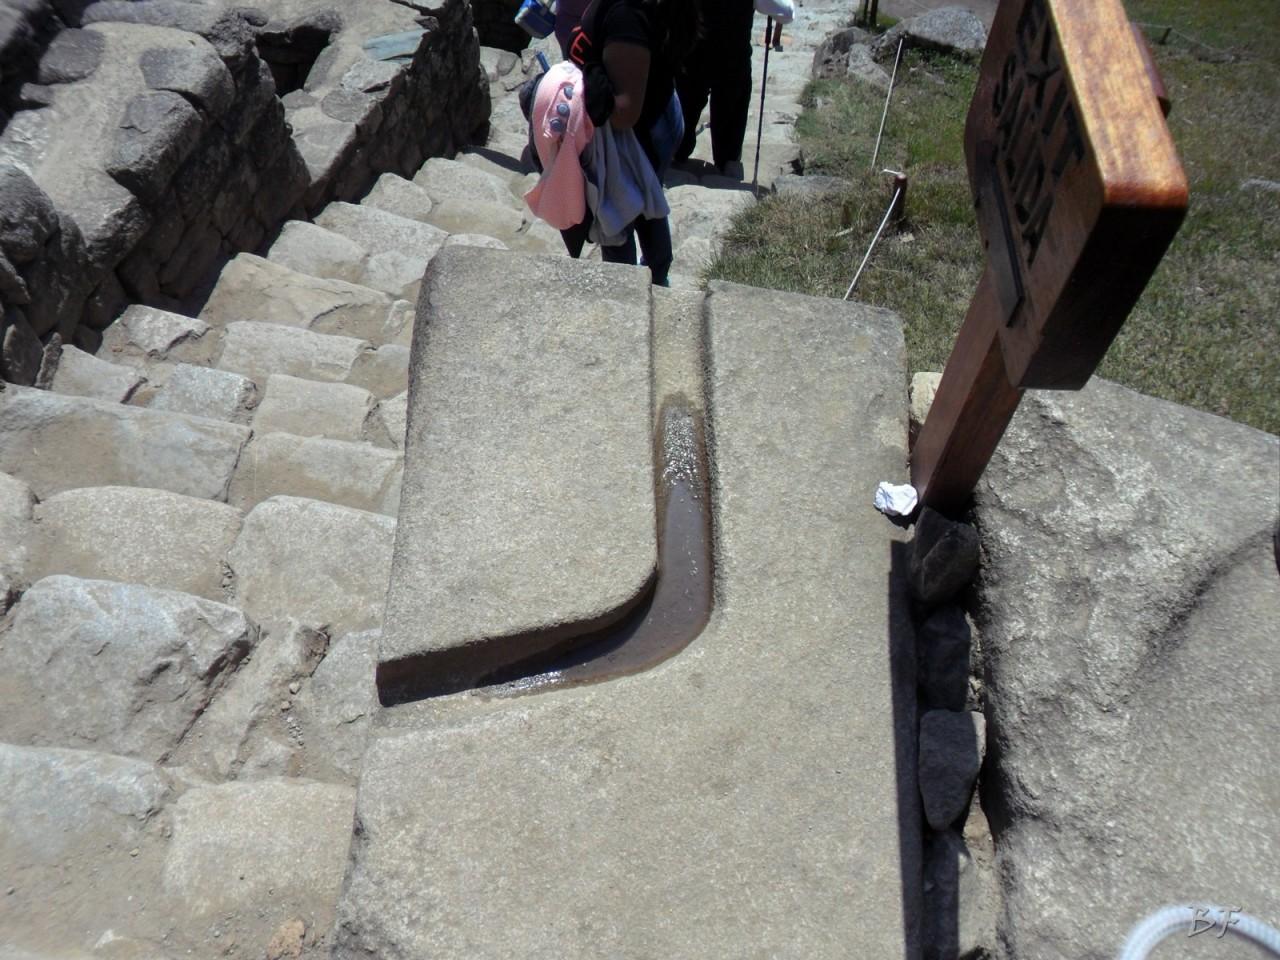 Mura-Poligonali-Incisioni-Altari-Edifici-Rupestri-Megaliti-Machu-Picchu-Aguas-Calientes-Urubamba-Cusco-Perù-16